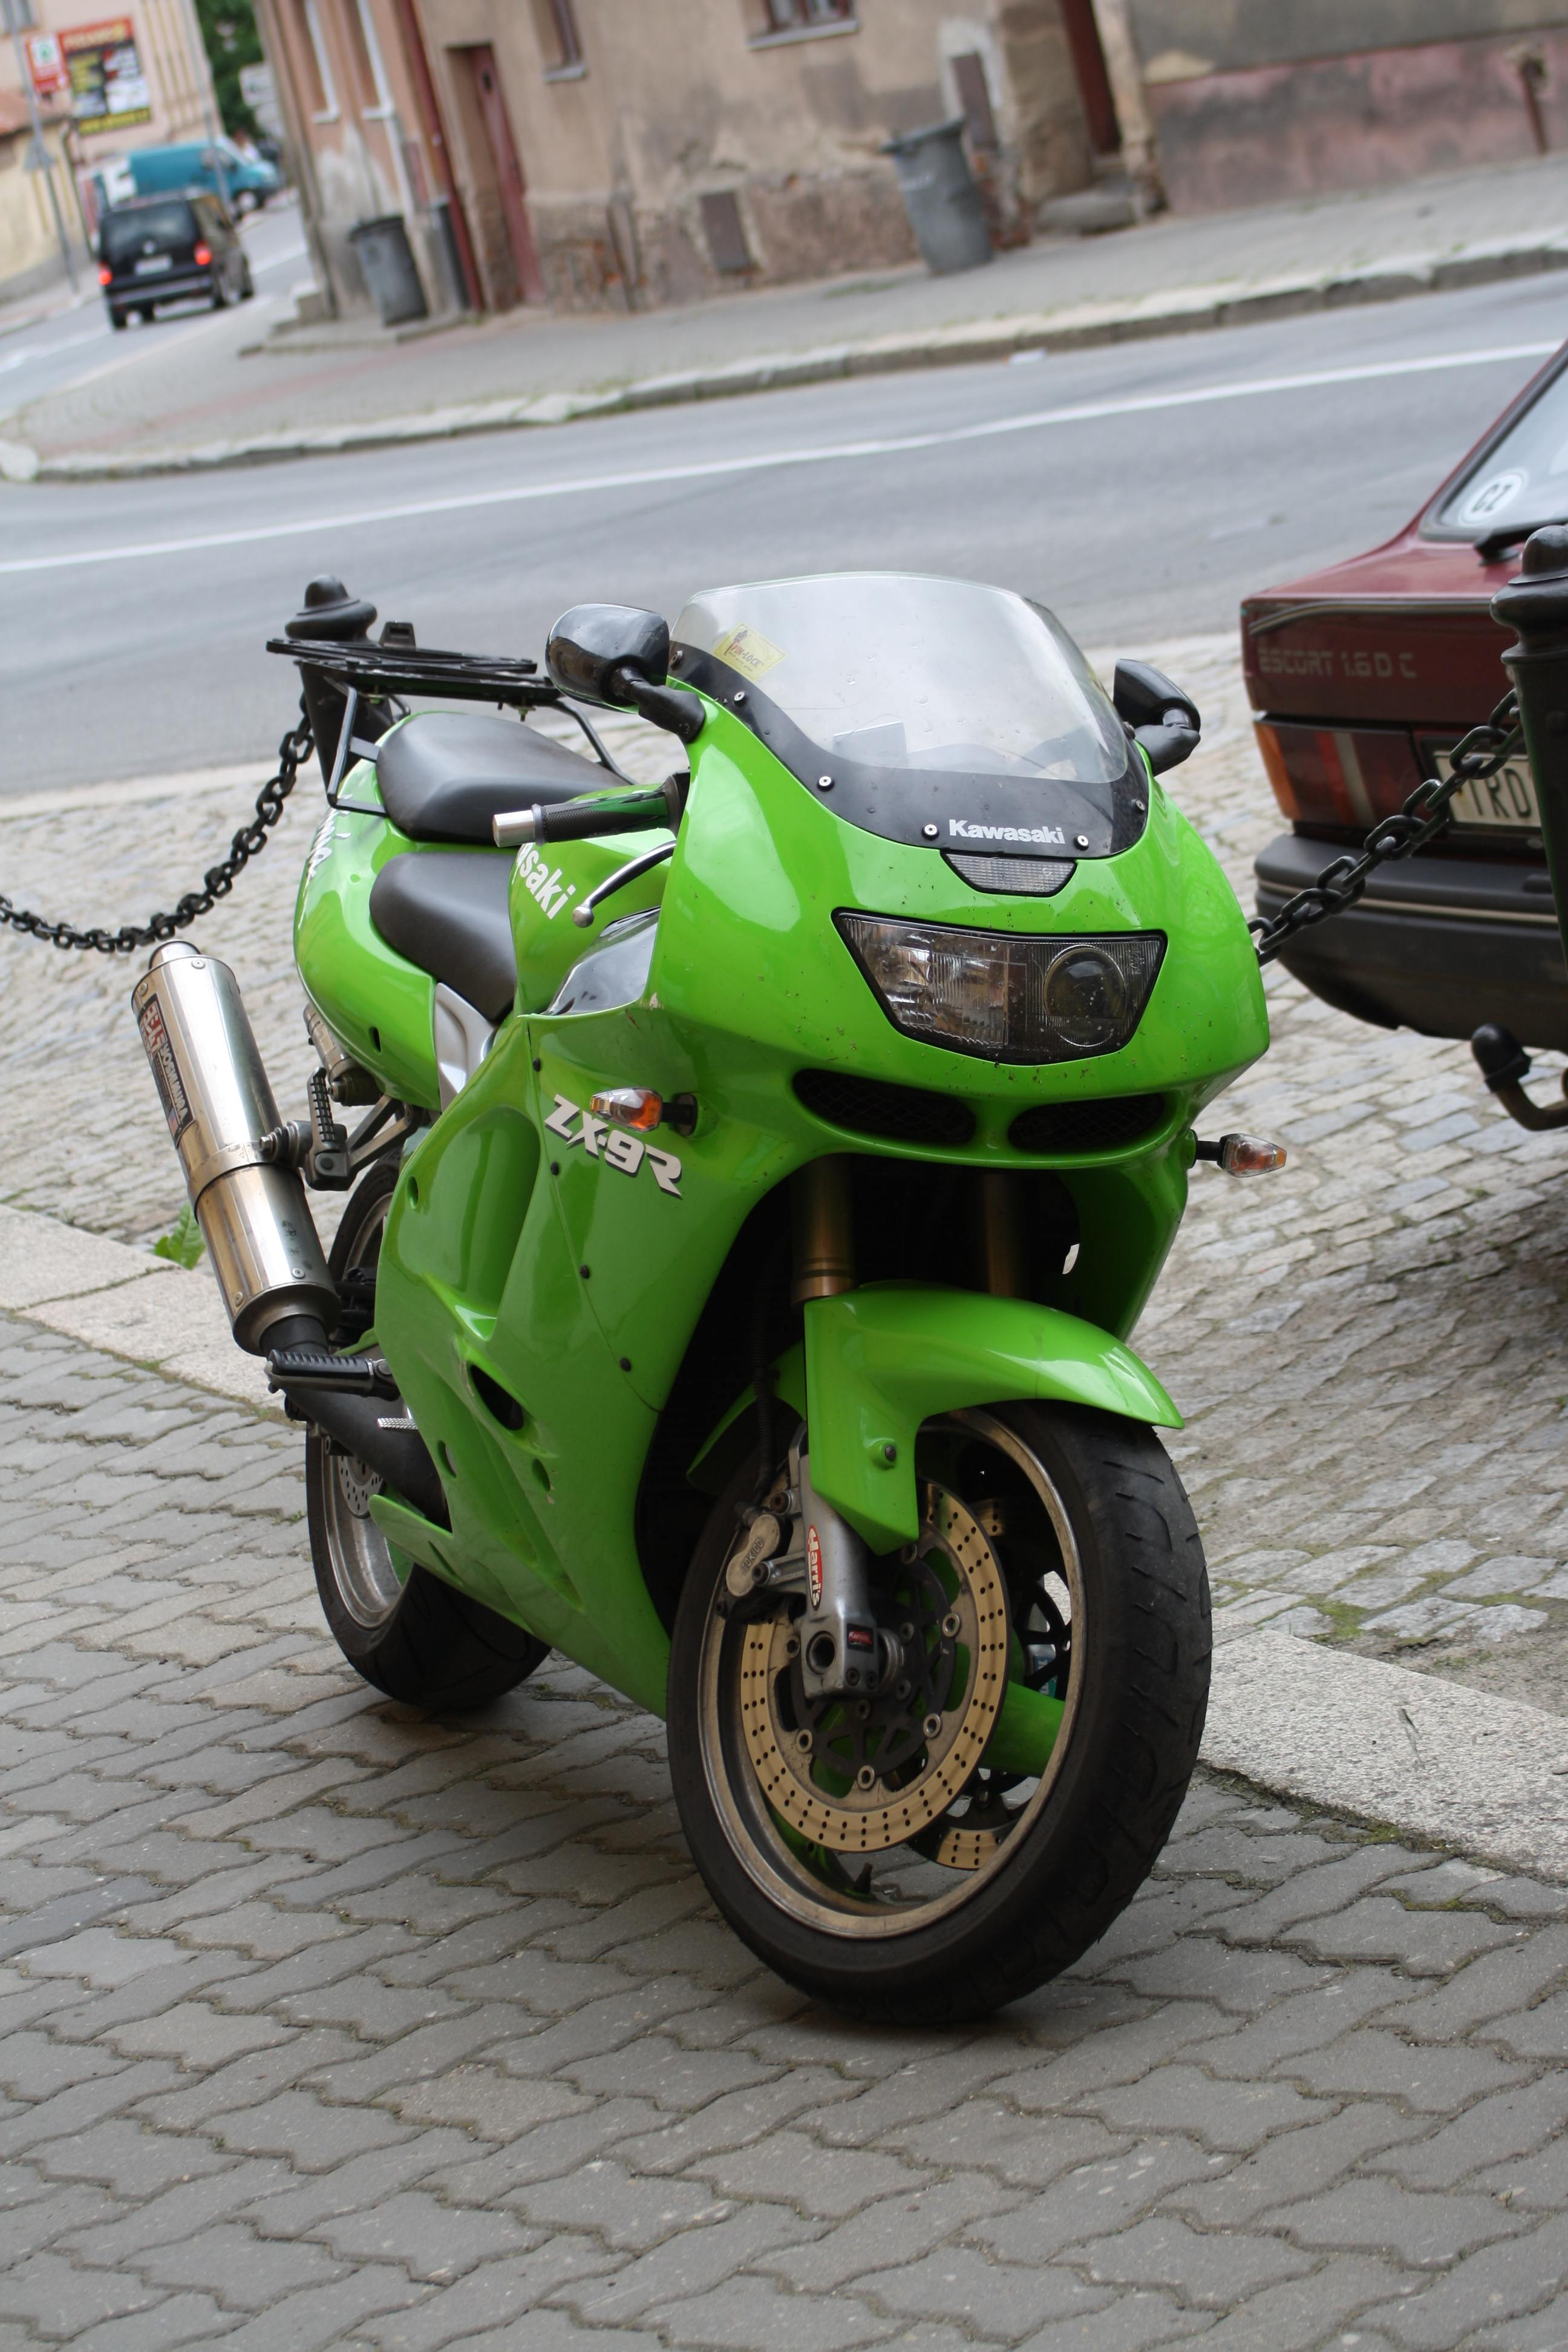 Kawasaki Ninja Zx 9r Wikipedia